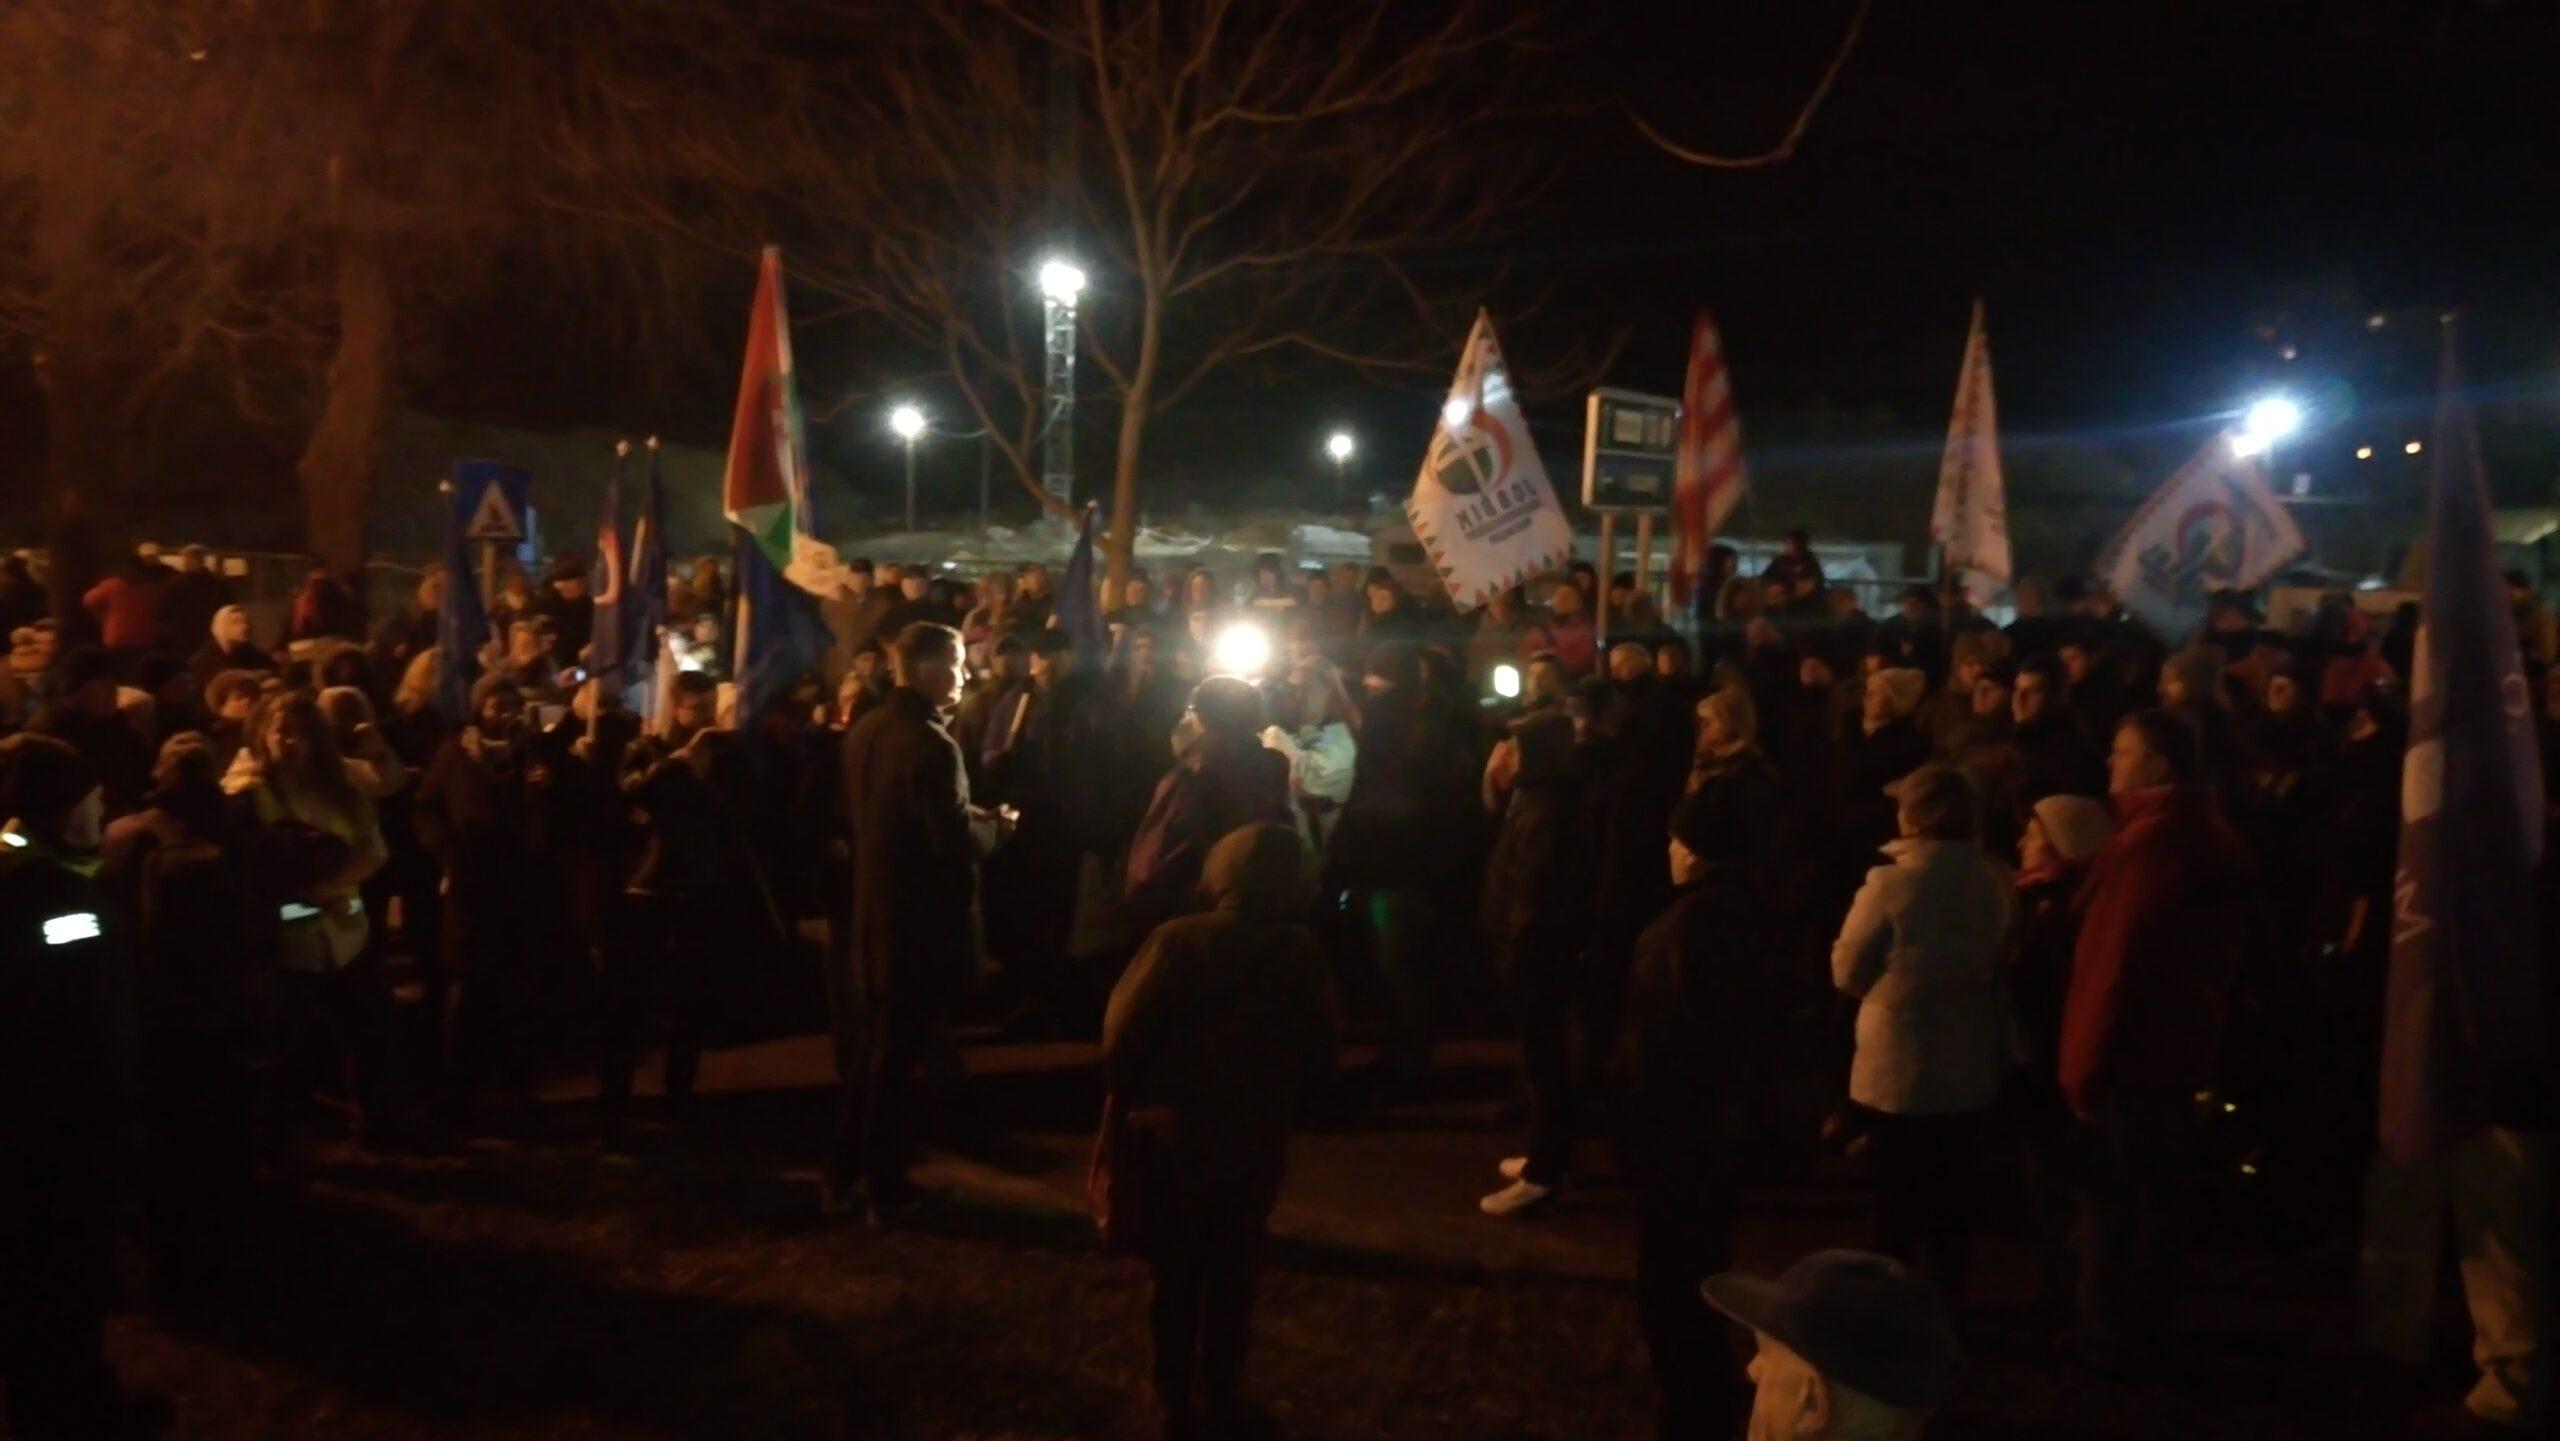 Gödöllőn  is tüntetés zajlott pénteken este.